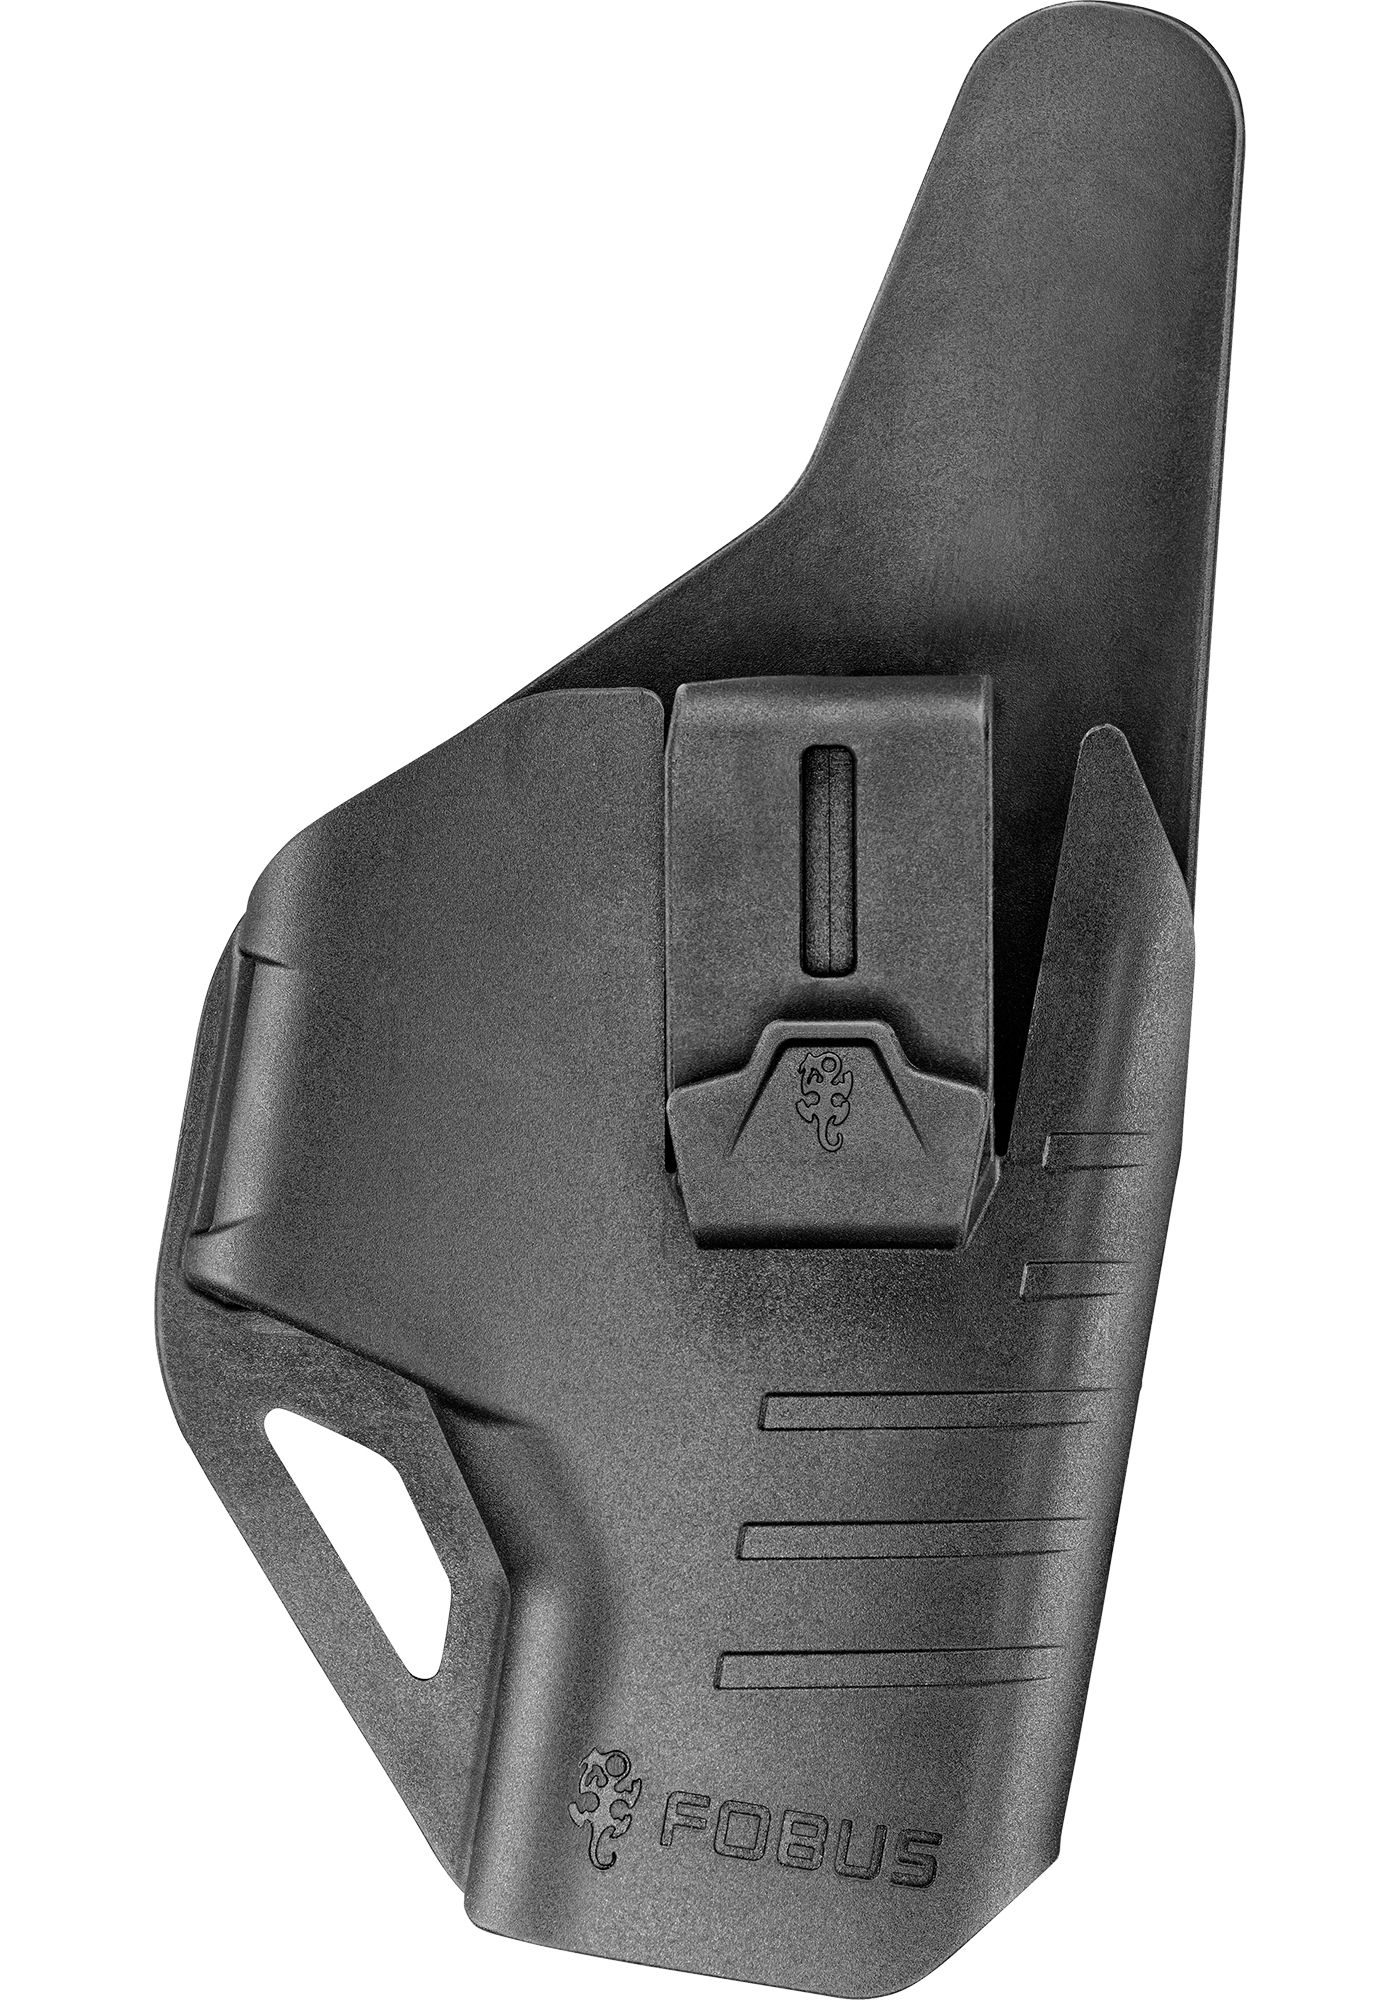 Fobus C Series Holster for Glock